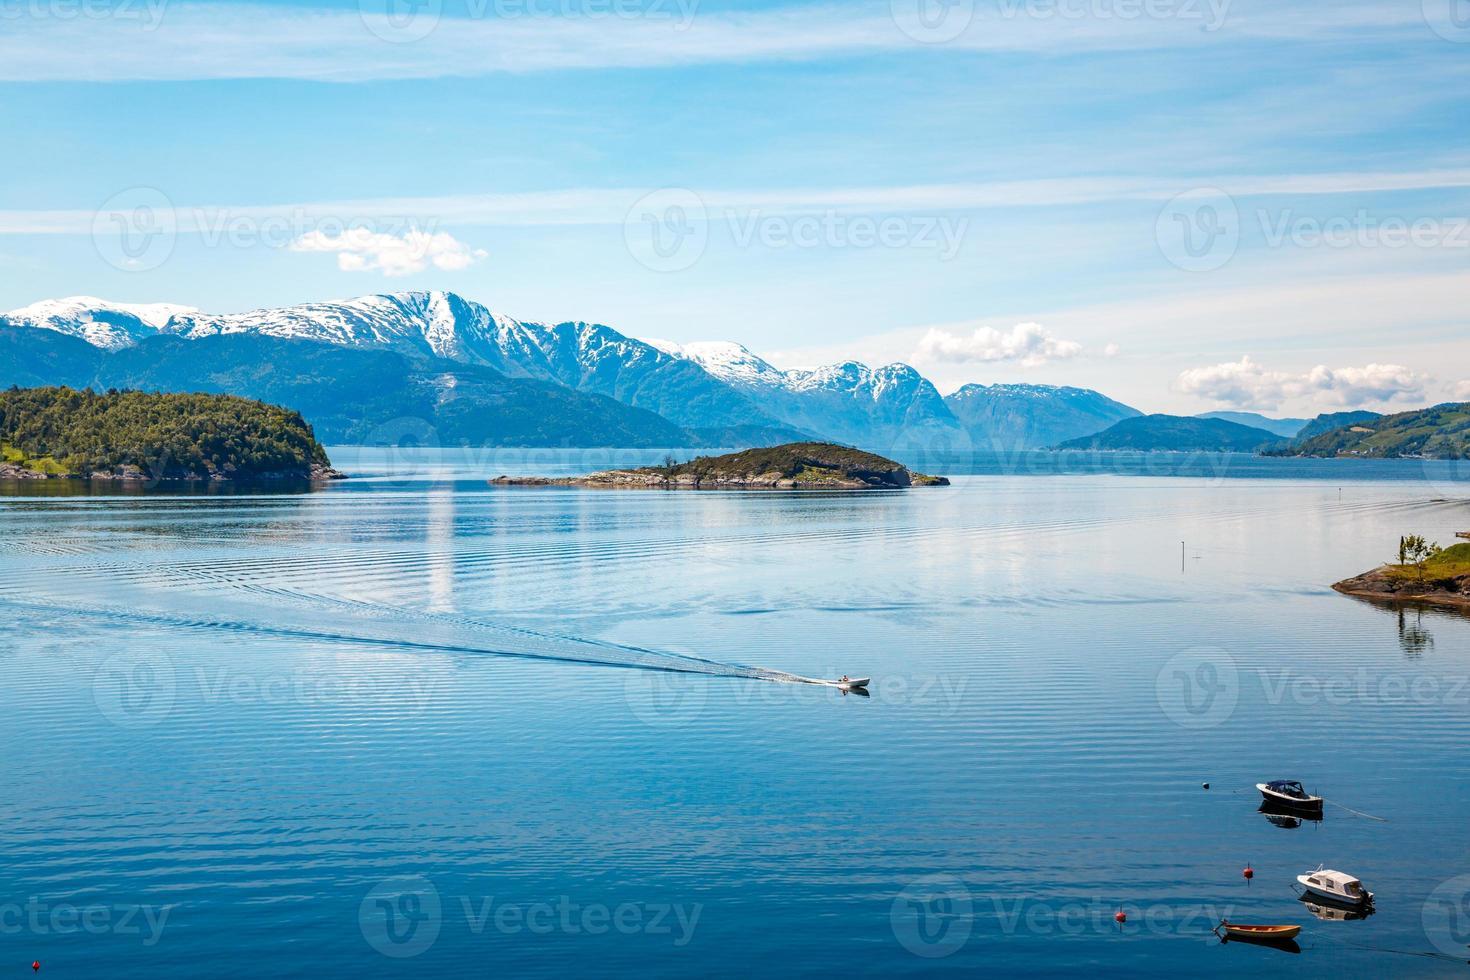 prachtige natuur noorwegen. foto